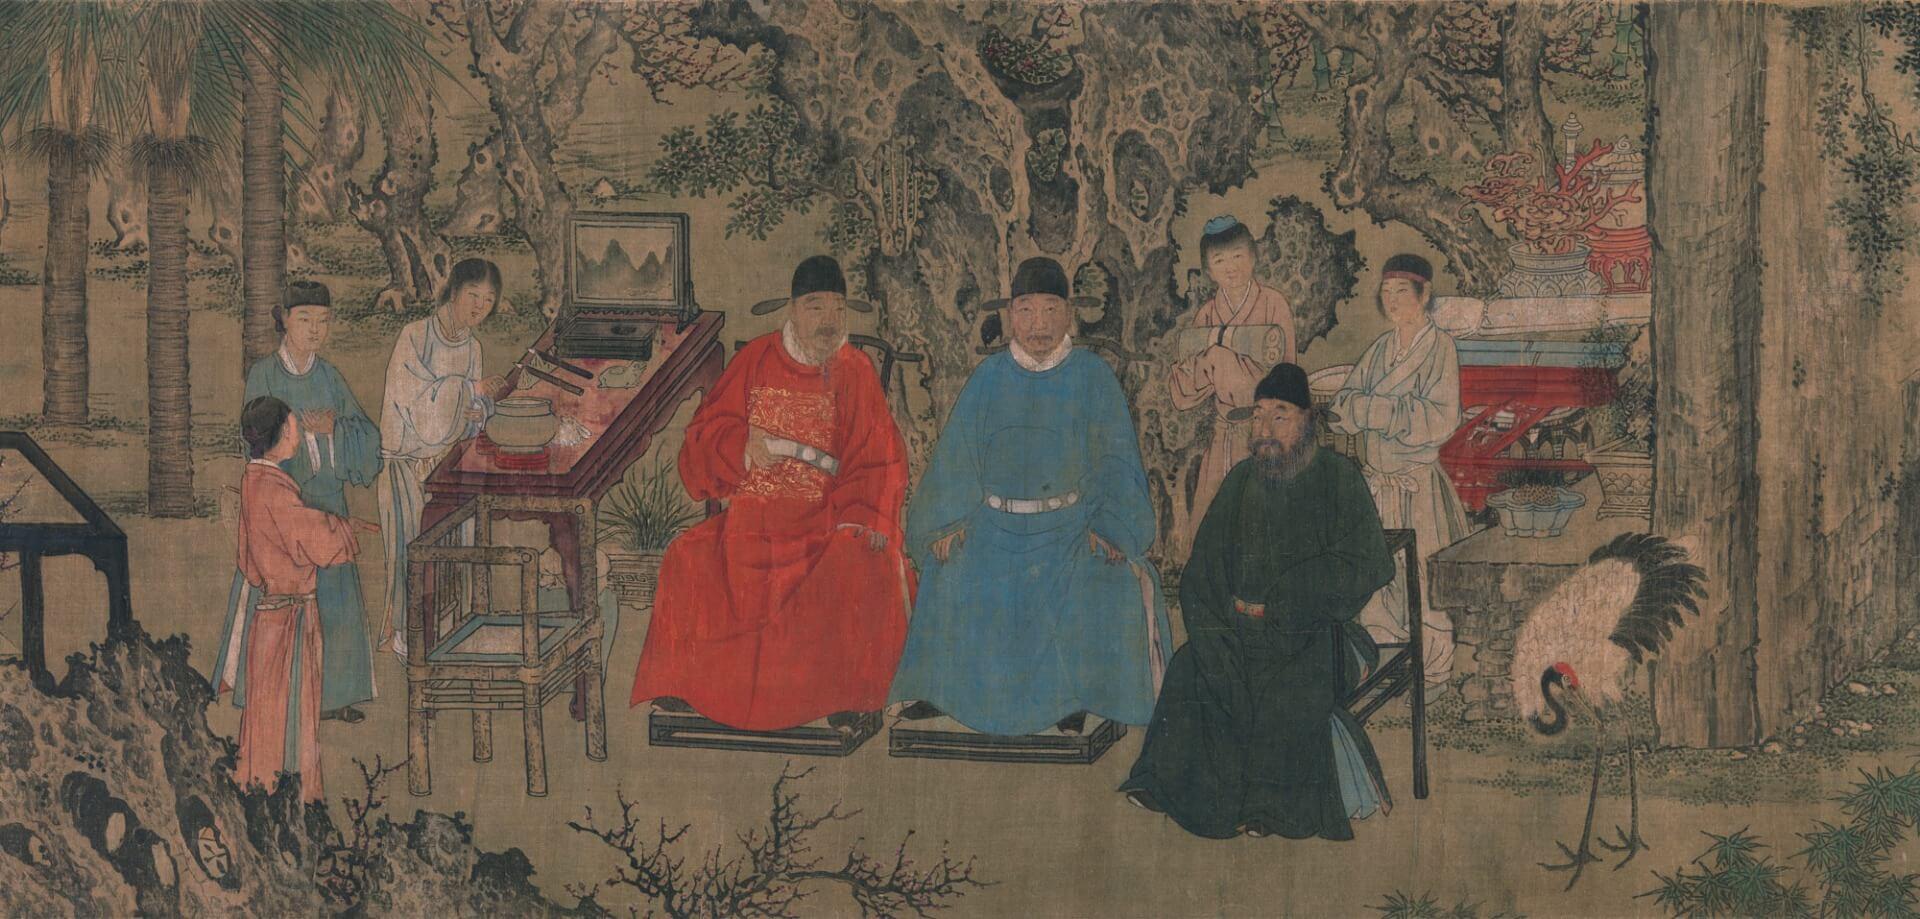 אמן לא ידוע, 1437, שושלת מינג בסין, דיו ופיגמנטים על מגילת משי,